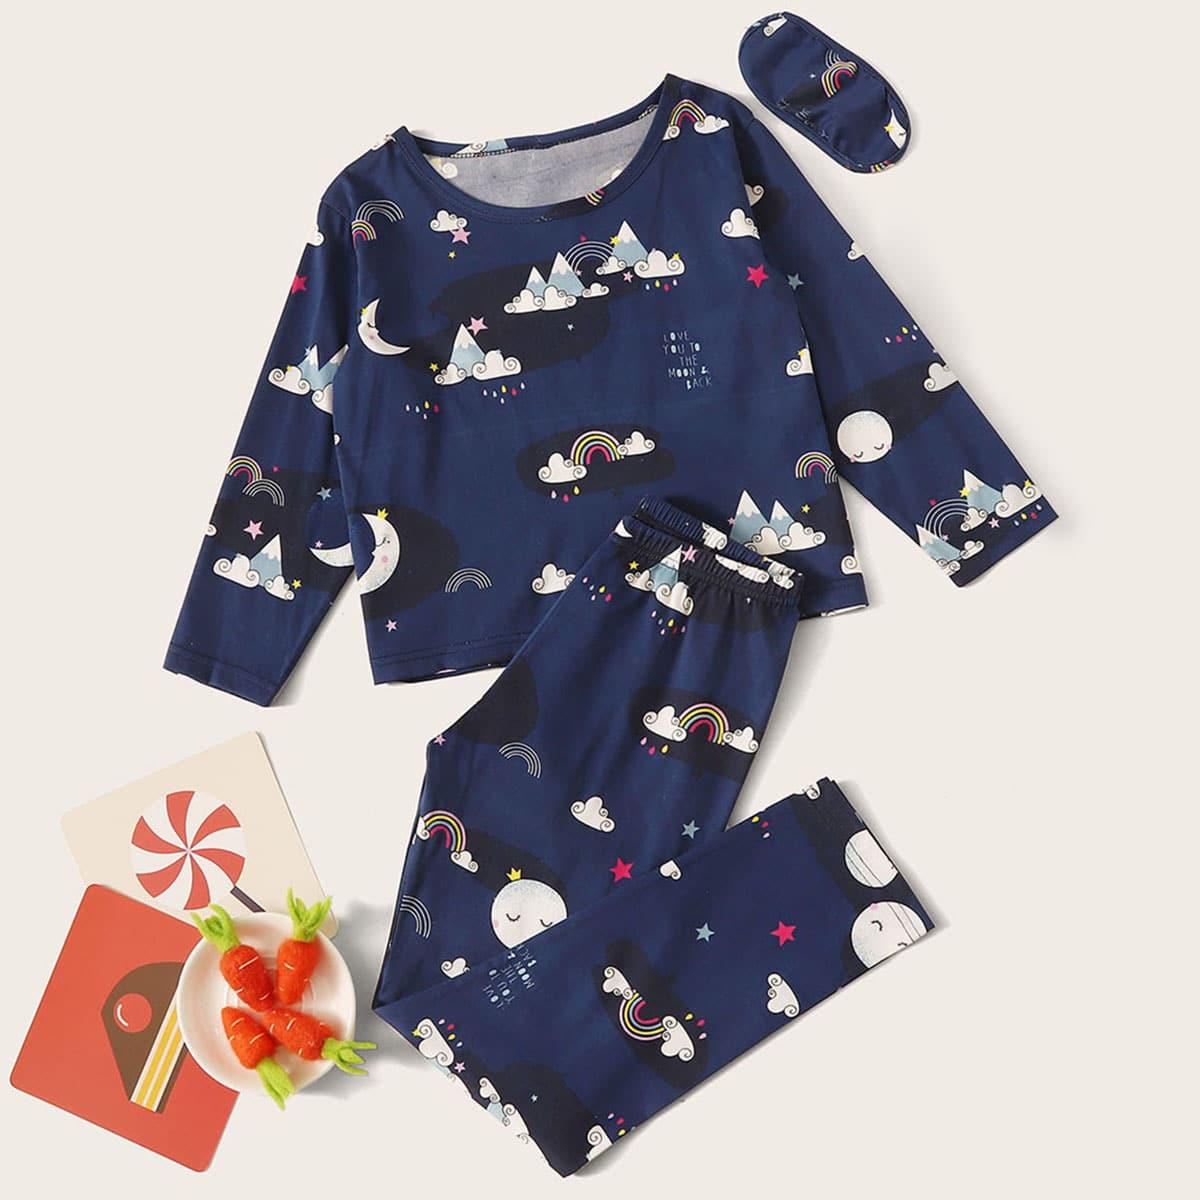 Маска для глаз и пижама с принтом радуги для девочек от SHEIN